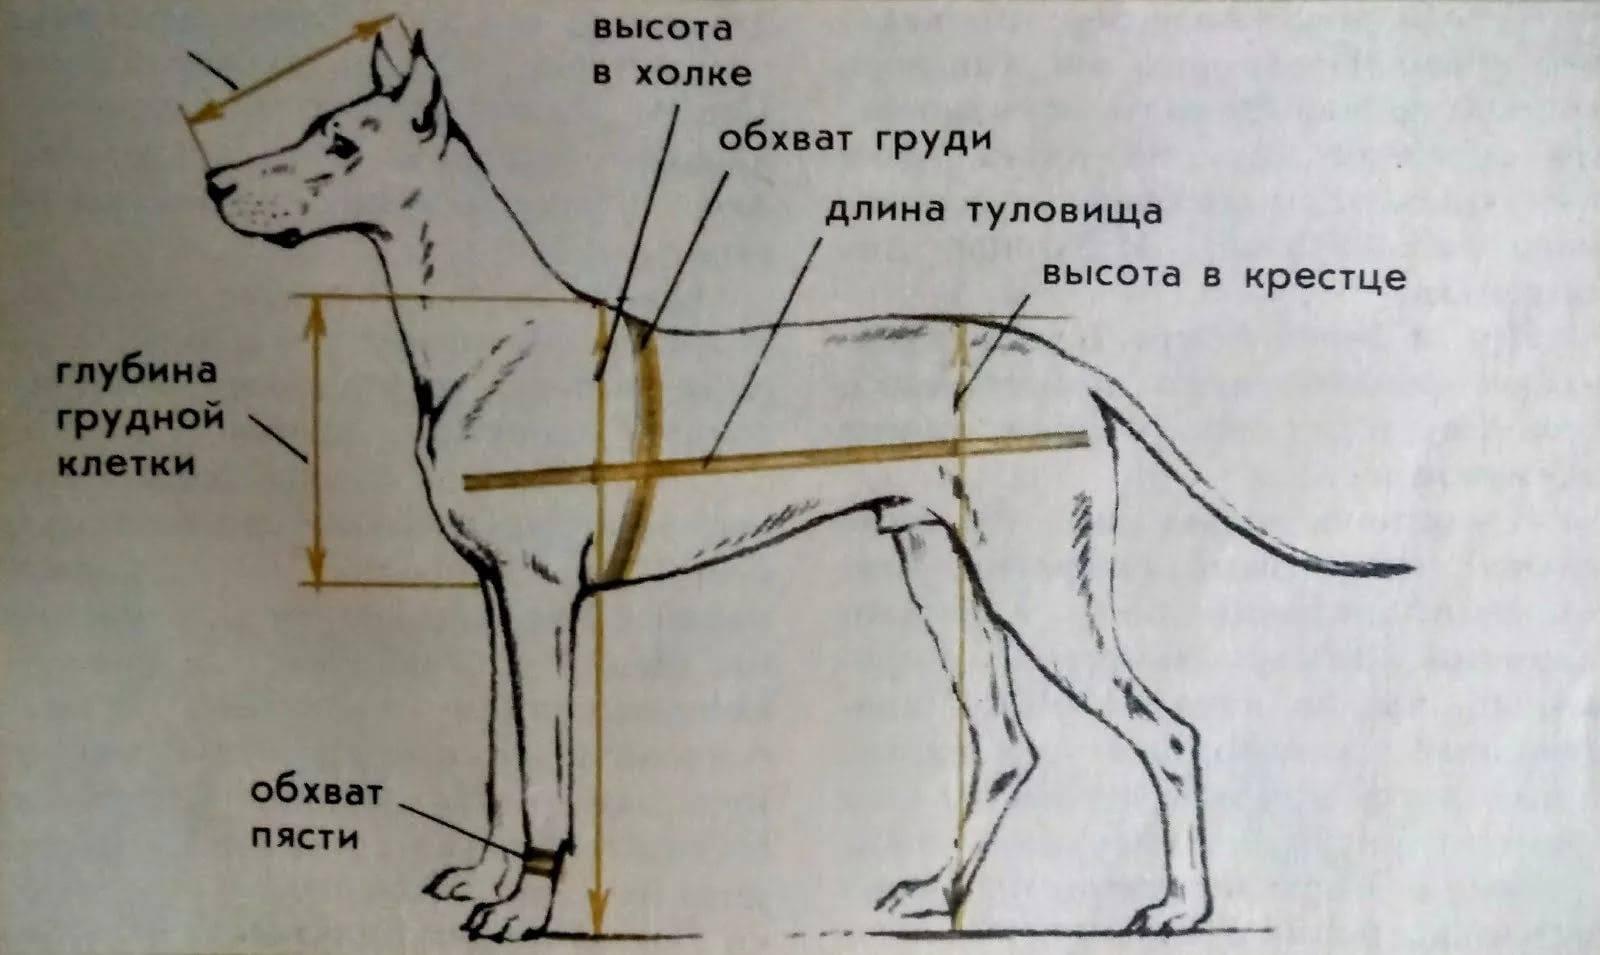 Щенок немецкой овчарки в 2 месяца: фото и видео, чем кормить, вес и уход.